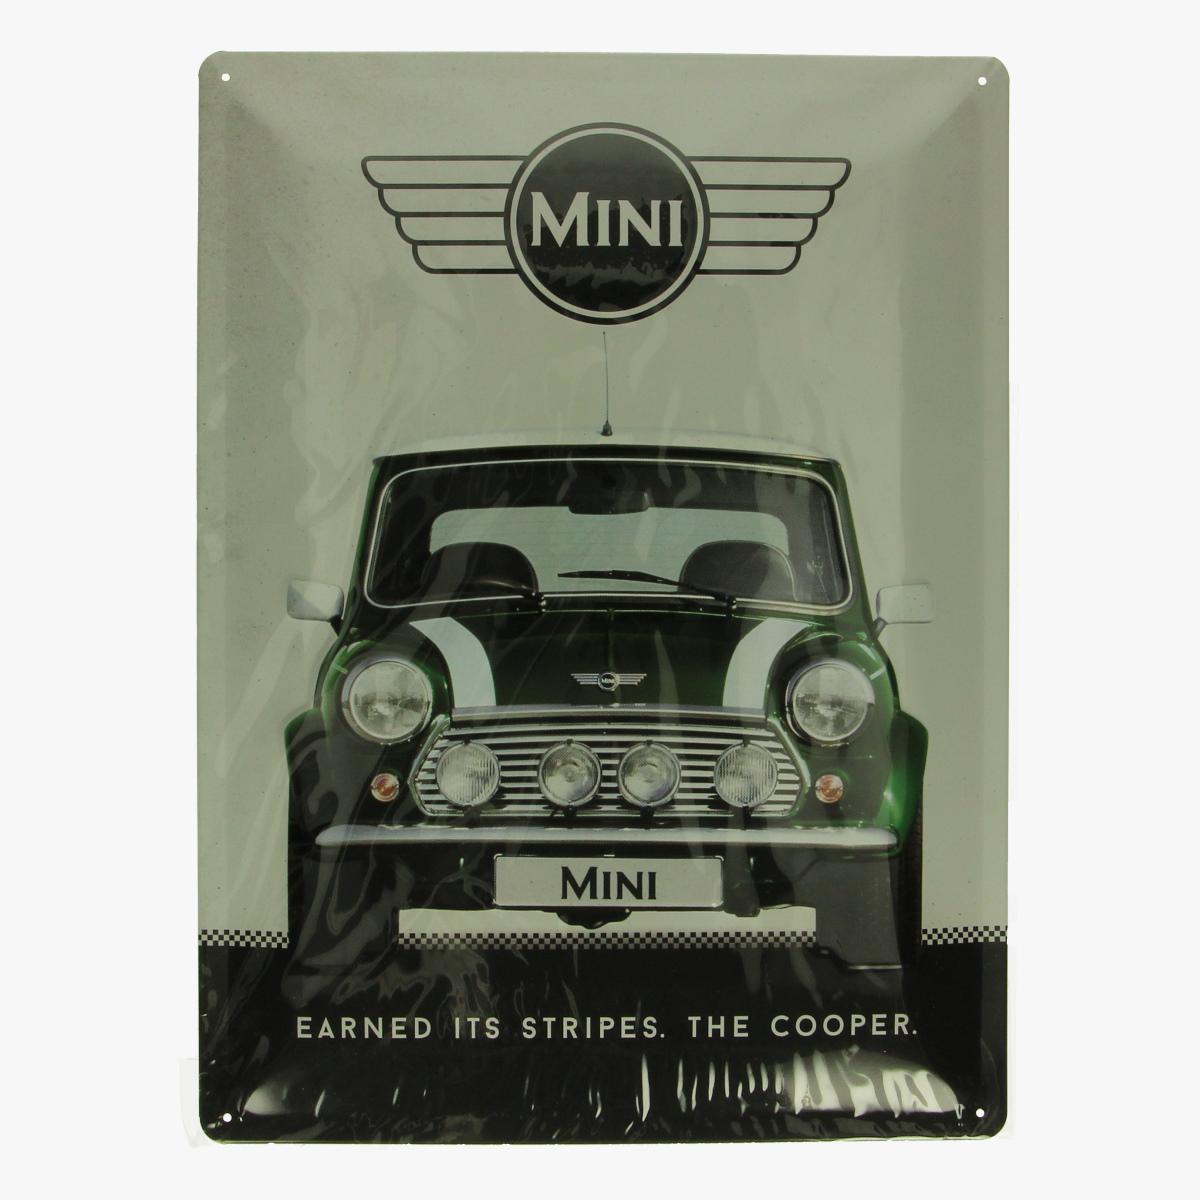 Afbeeldingen van blikken bordje mini cooper repro geseald